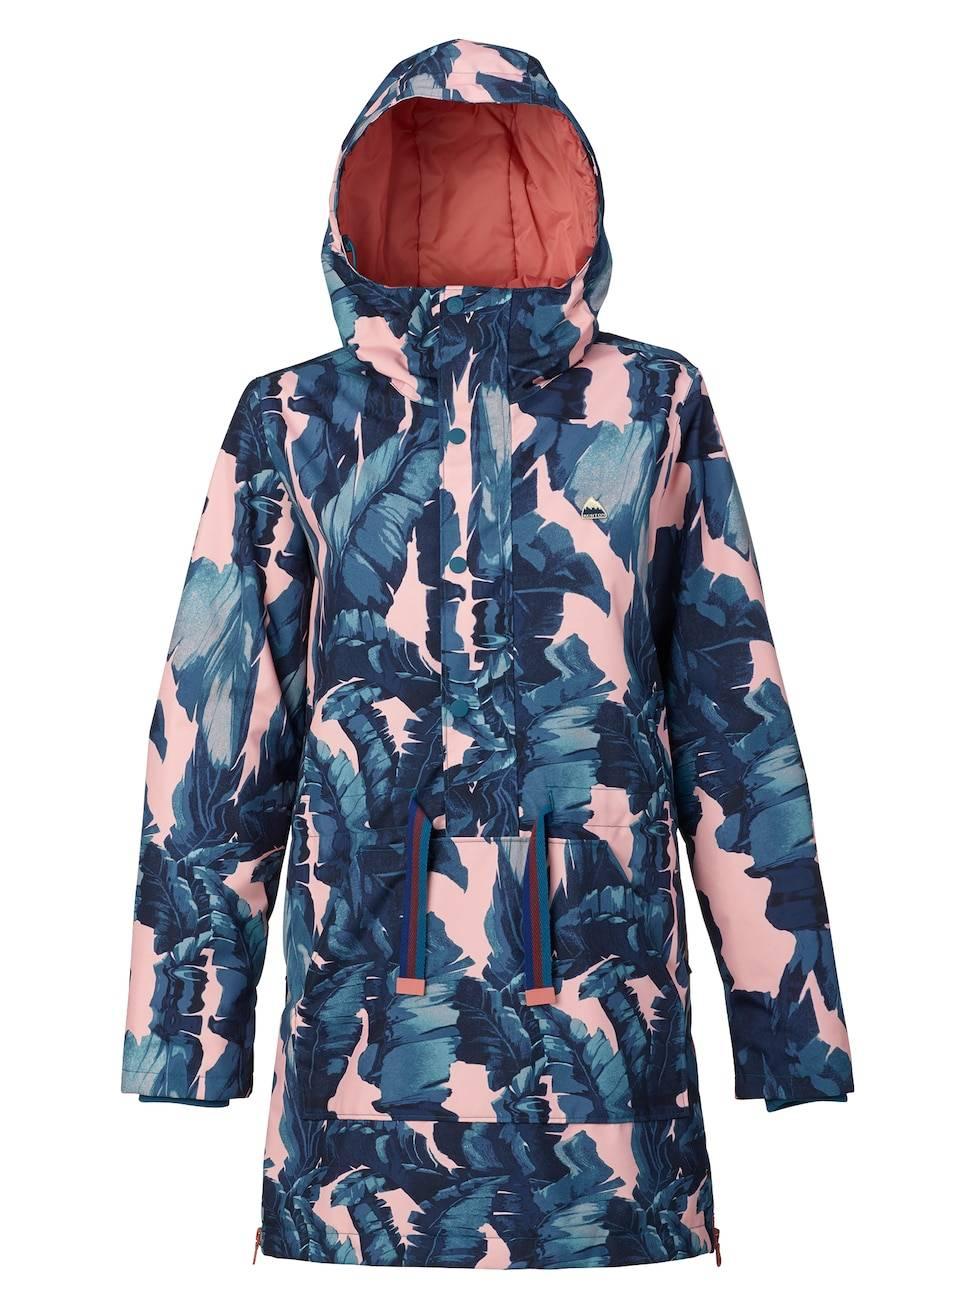 362956e4 Куртка сноубордическая Burton WB CHUTEOUT ANRK JK для женщин купить ...